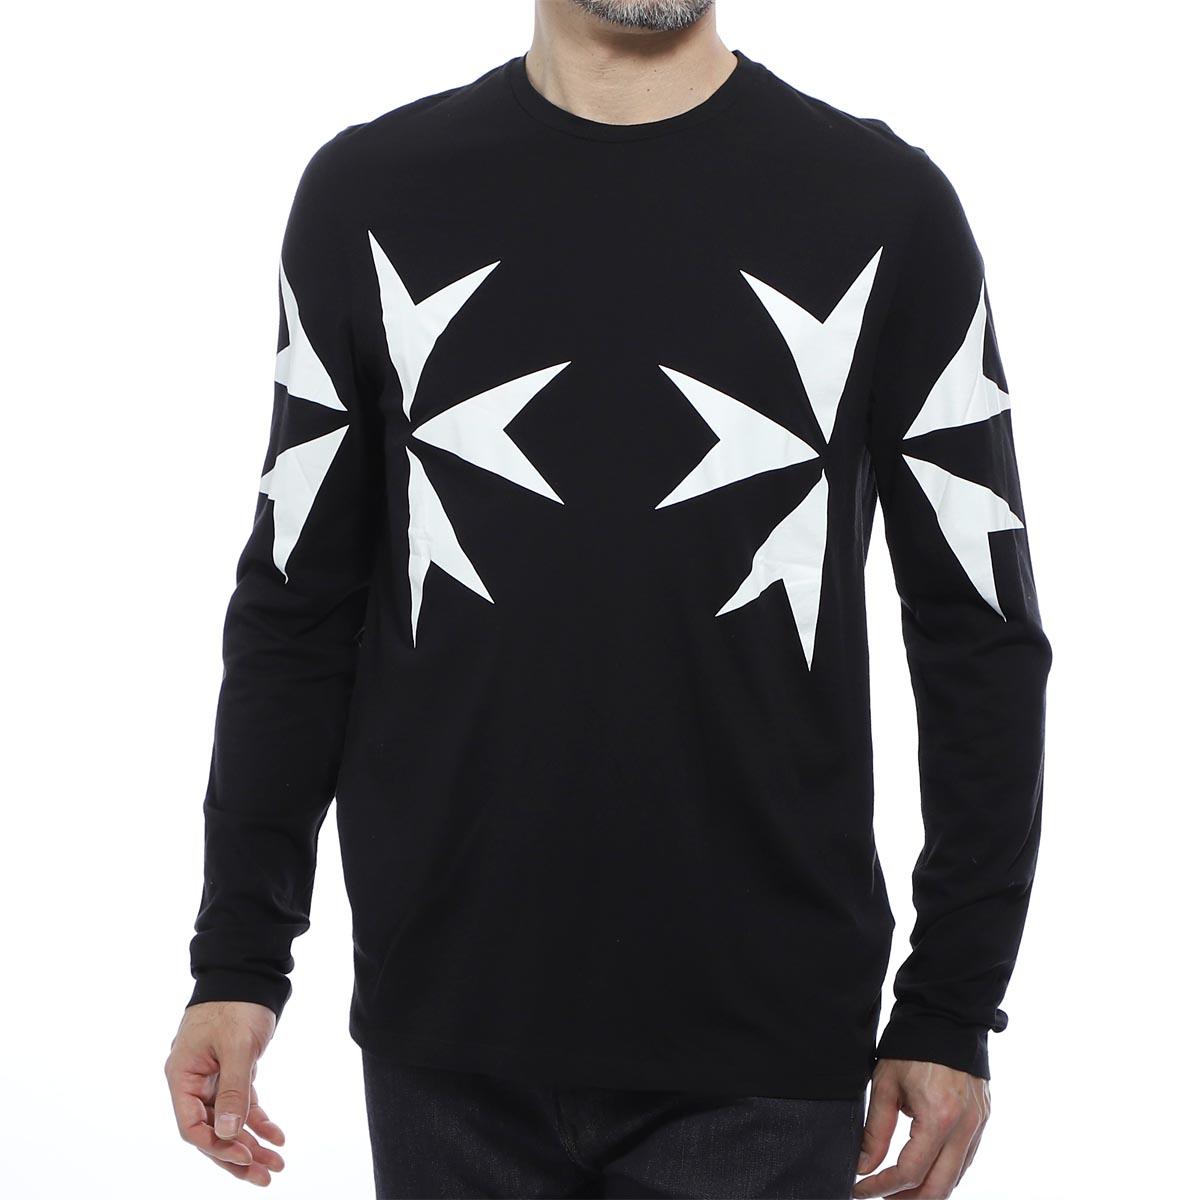 ニールバレット NeIL BarreTT クルーネックTシャツ ブラック メンズ pbjt568s m517s 524 FIT SLIM REGULAR【あす楽対応_関東】【返品送料無料】【ラッピング無料】